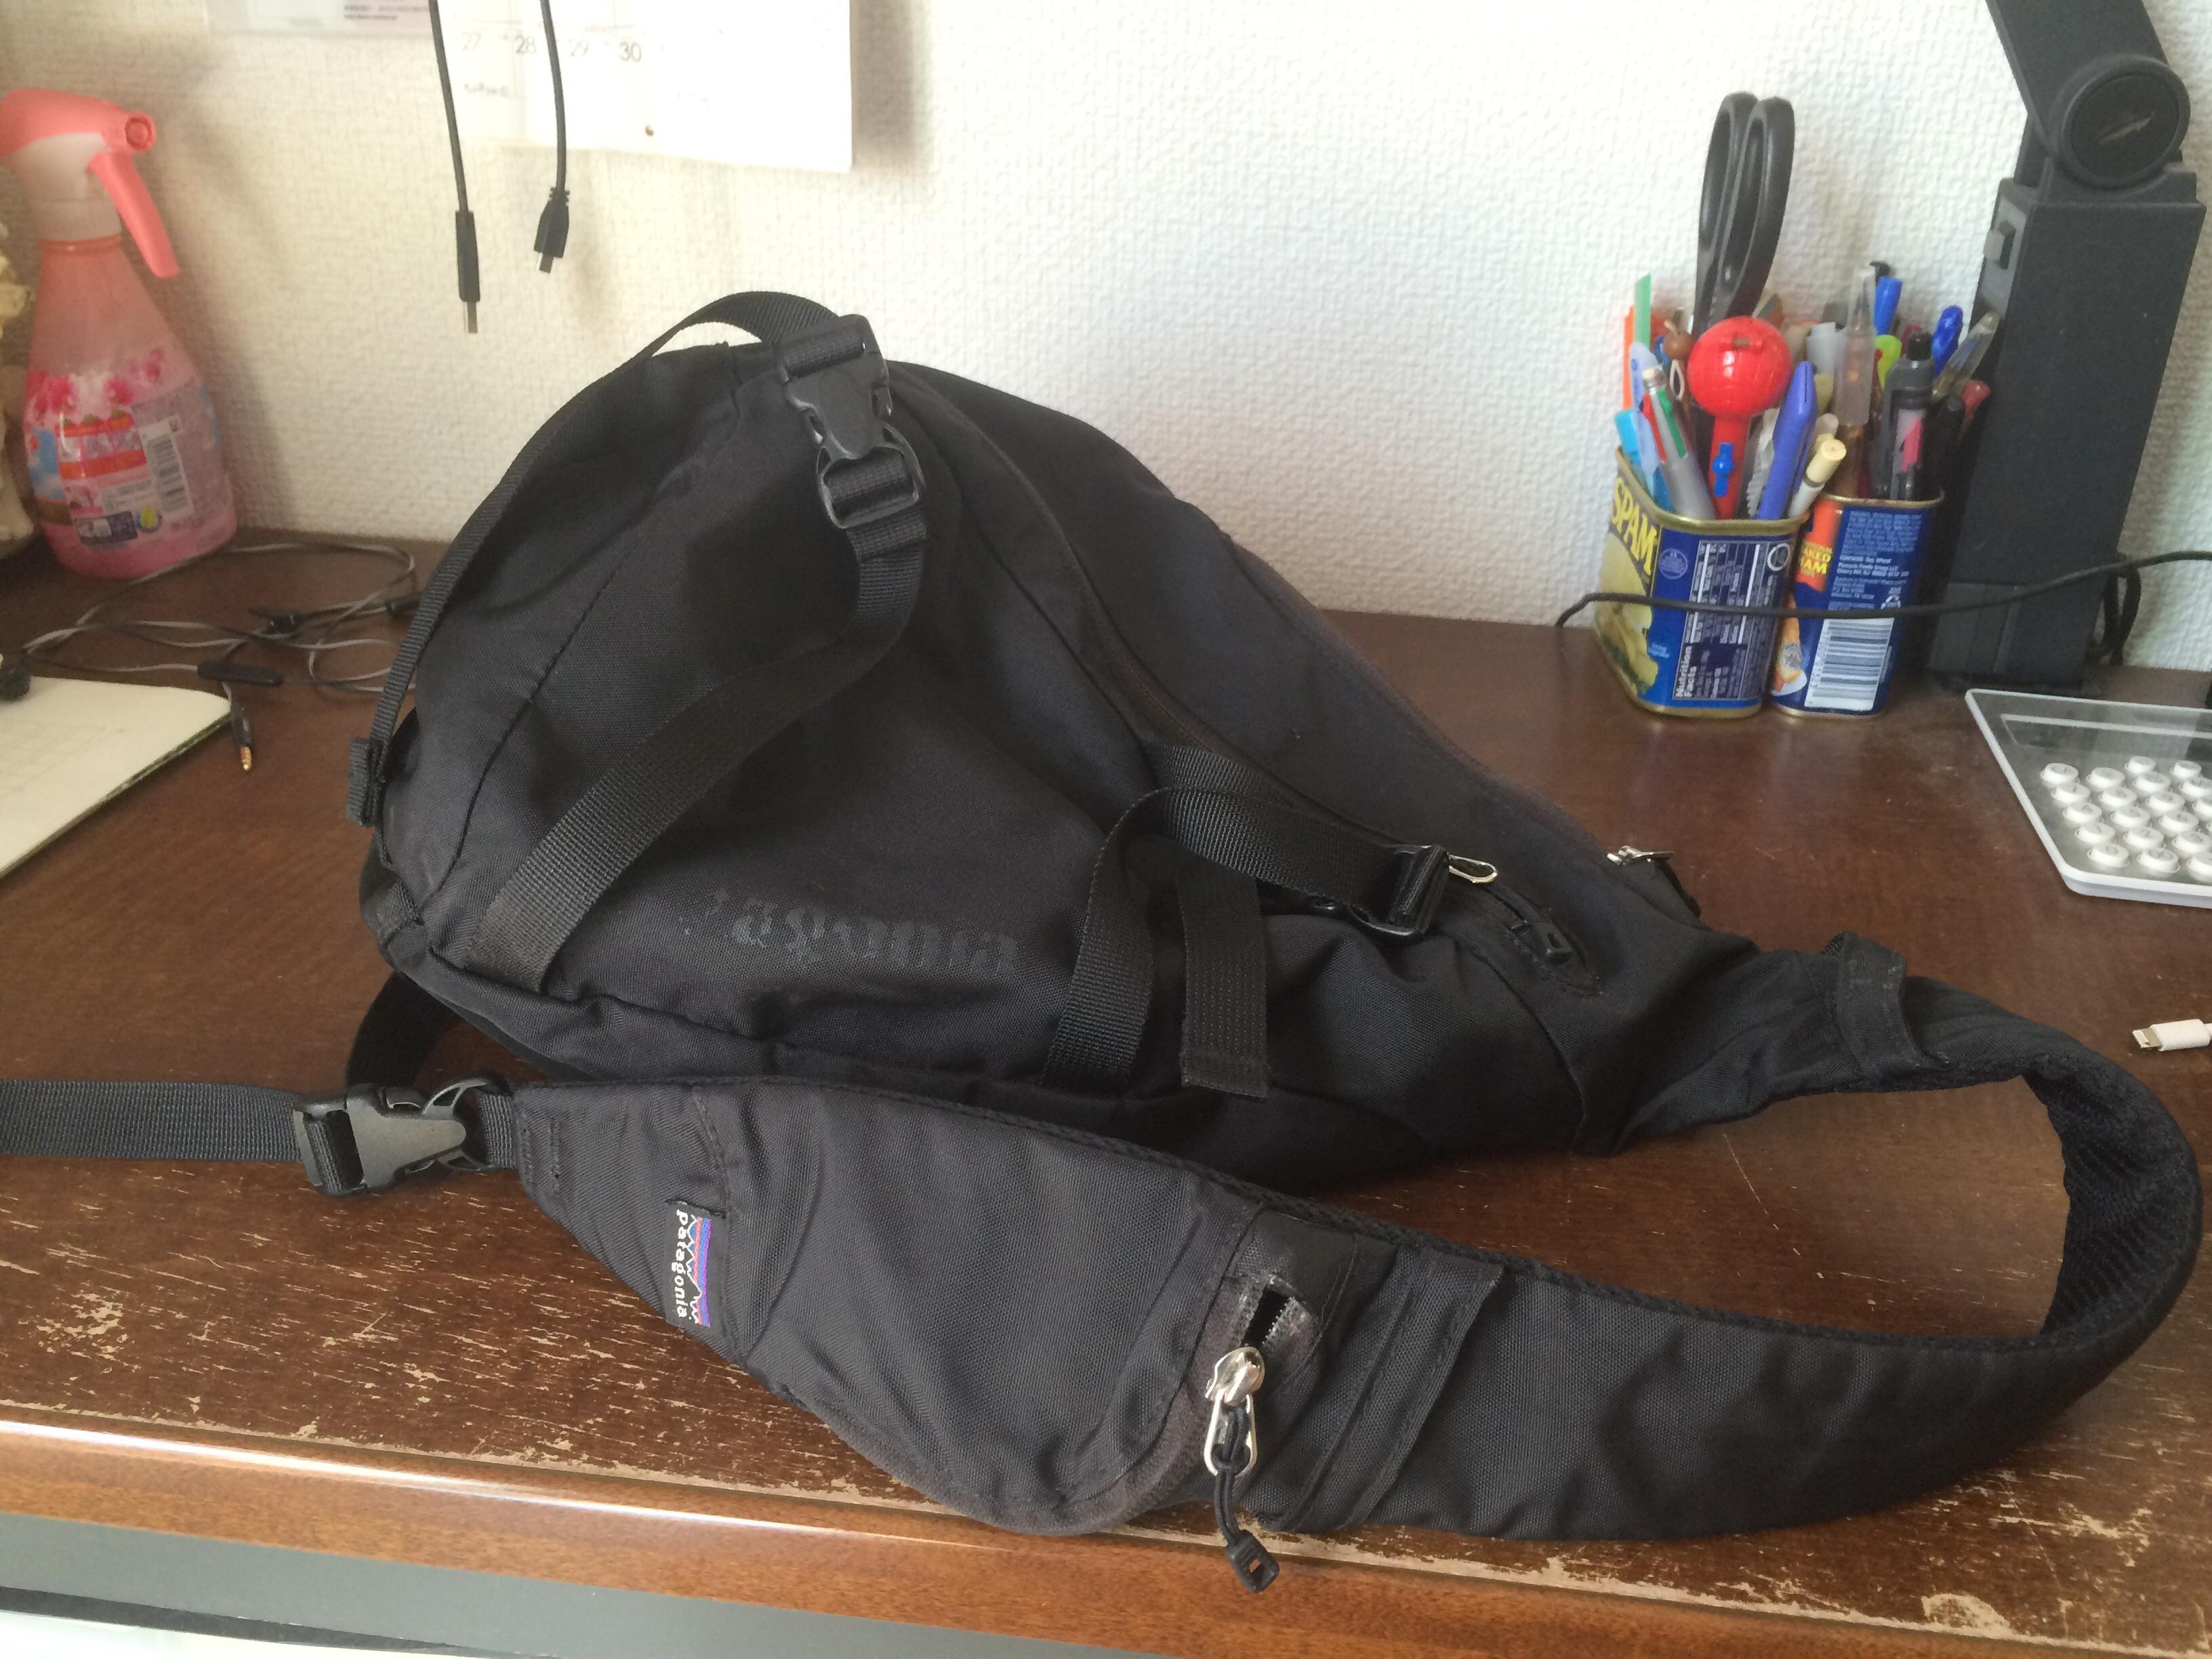 パタゴニア社のお気に入り「Atomバッグ」丈夫で使い易いバッグ!